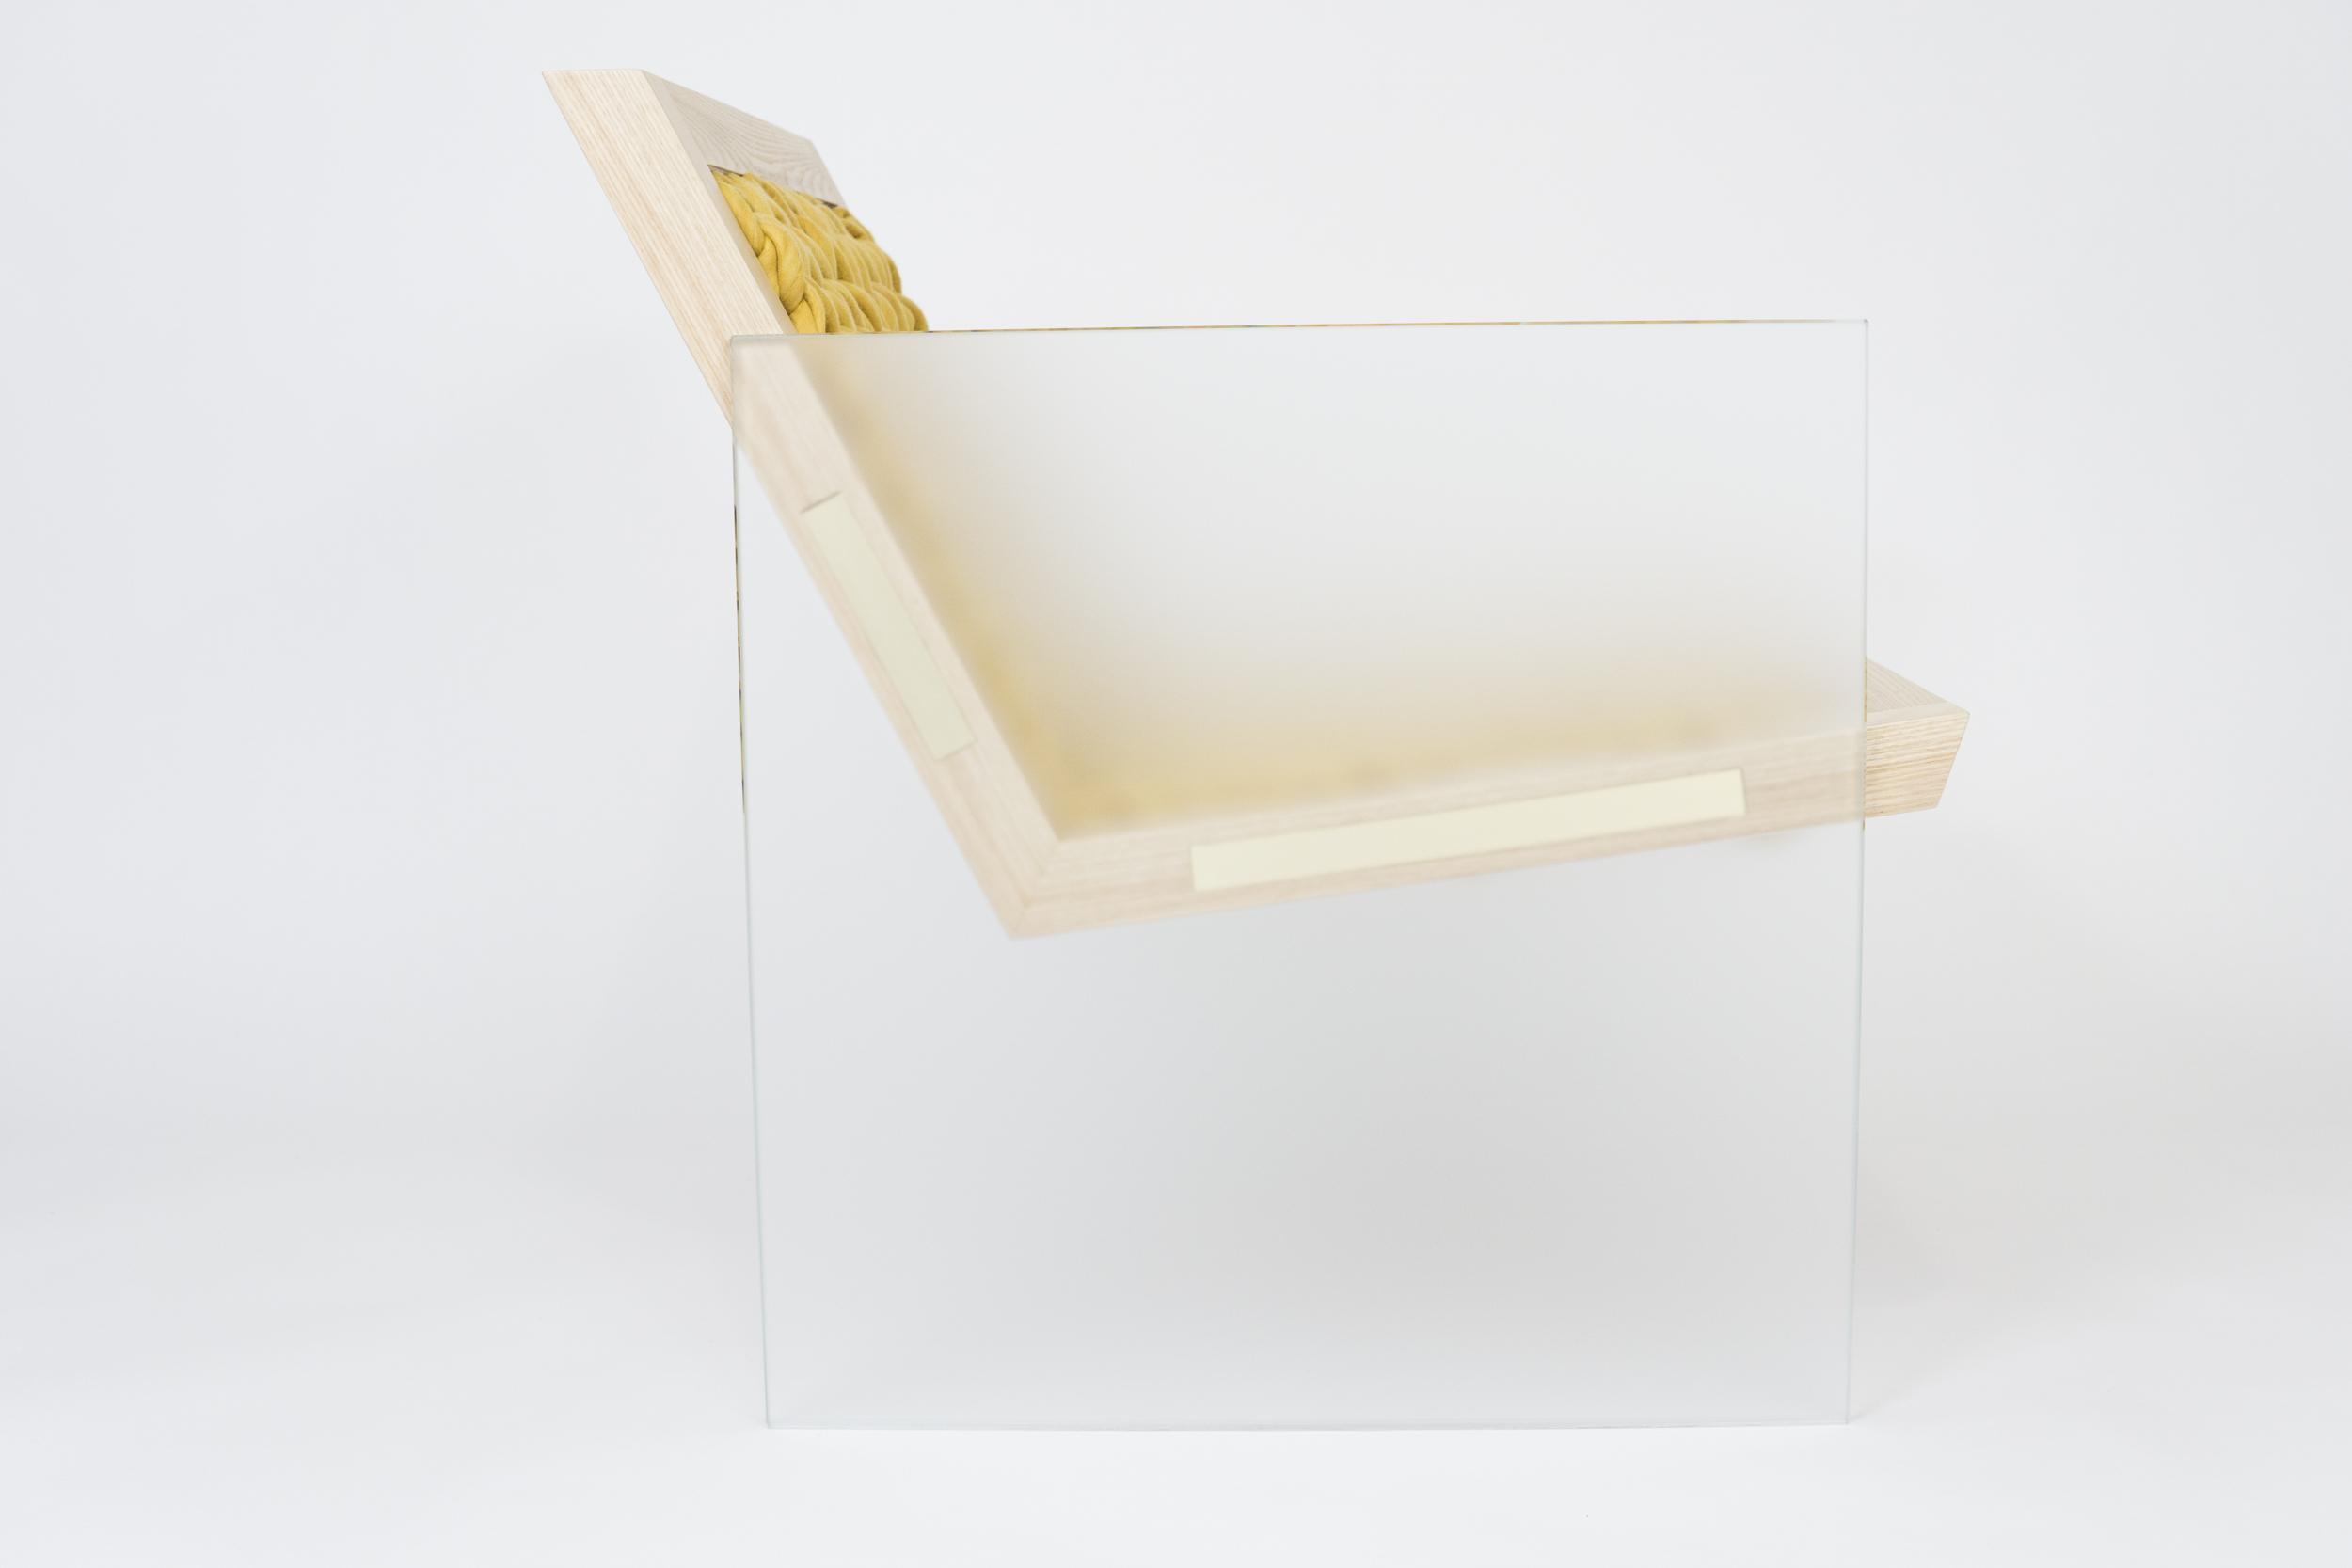 durodeco - Purl Lounge Chair-9.jpg